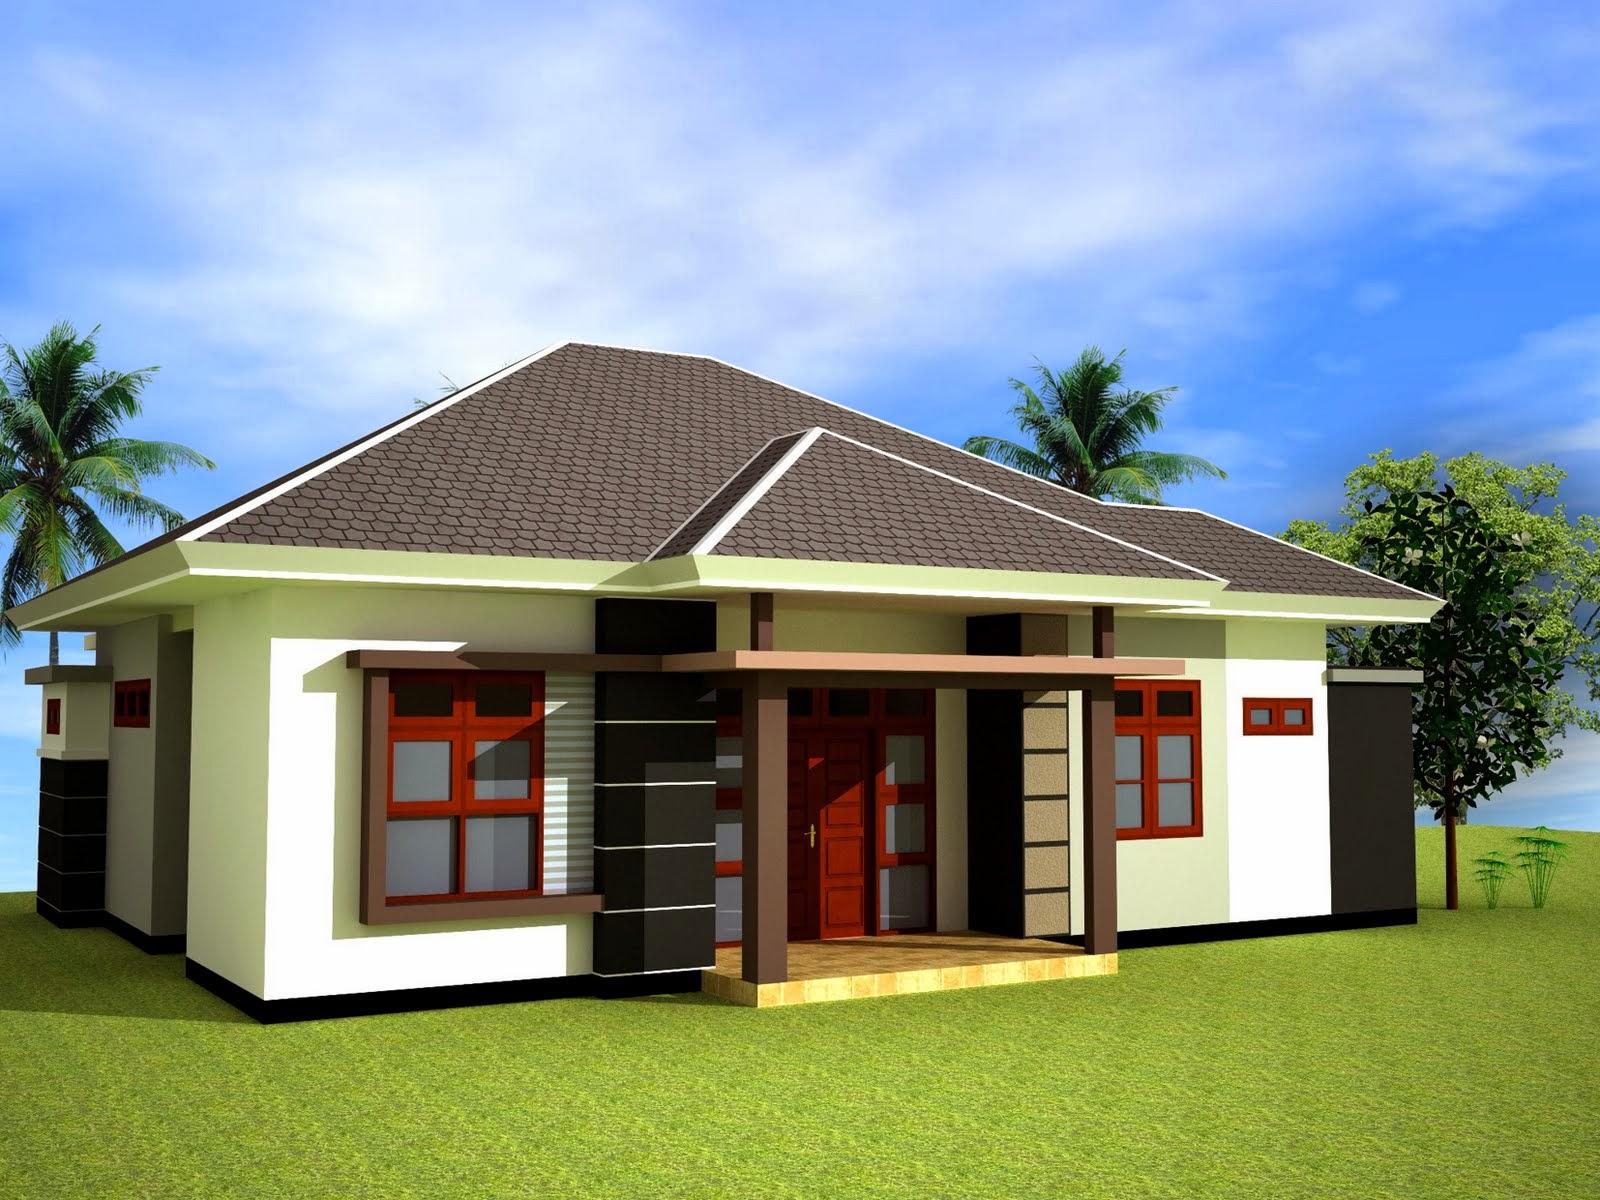 1477966908 687 10 Rumah Minimalis Pedesaan Terbaik